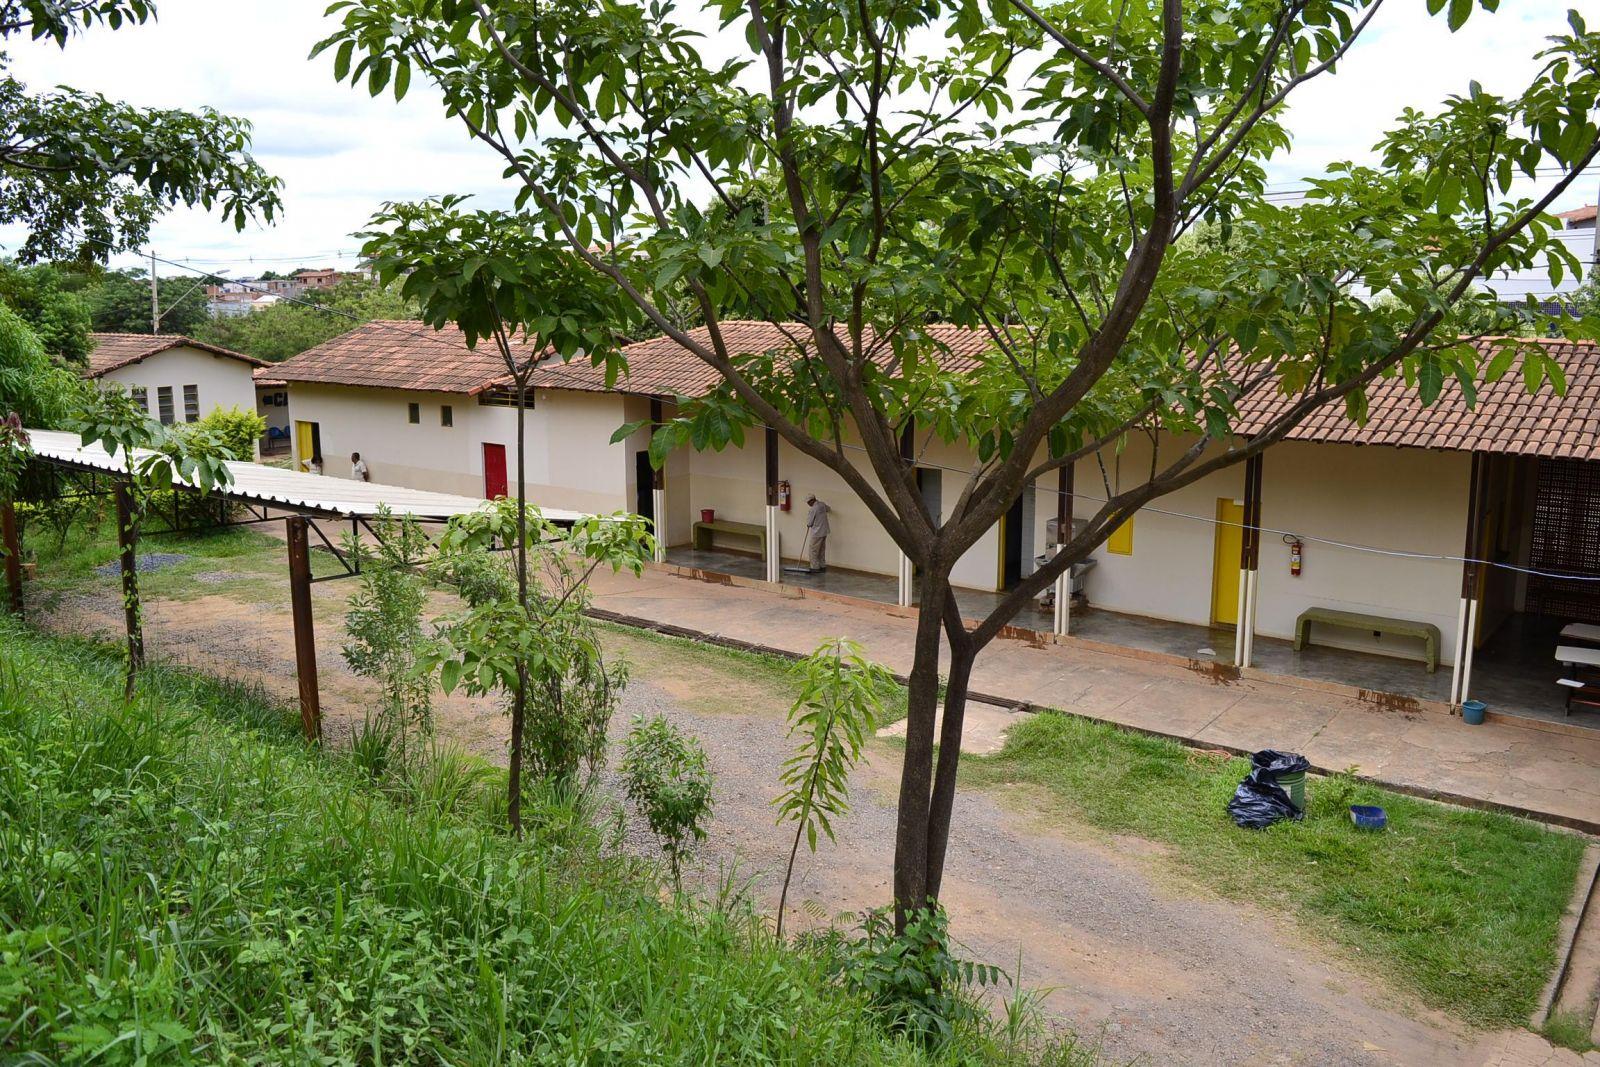 Imagem de destaque Prefeitura contrata empresa para ampliar Centro de Controle de Zoonoses